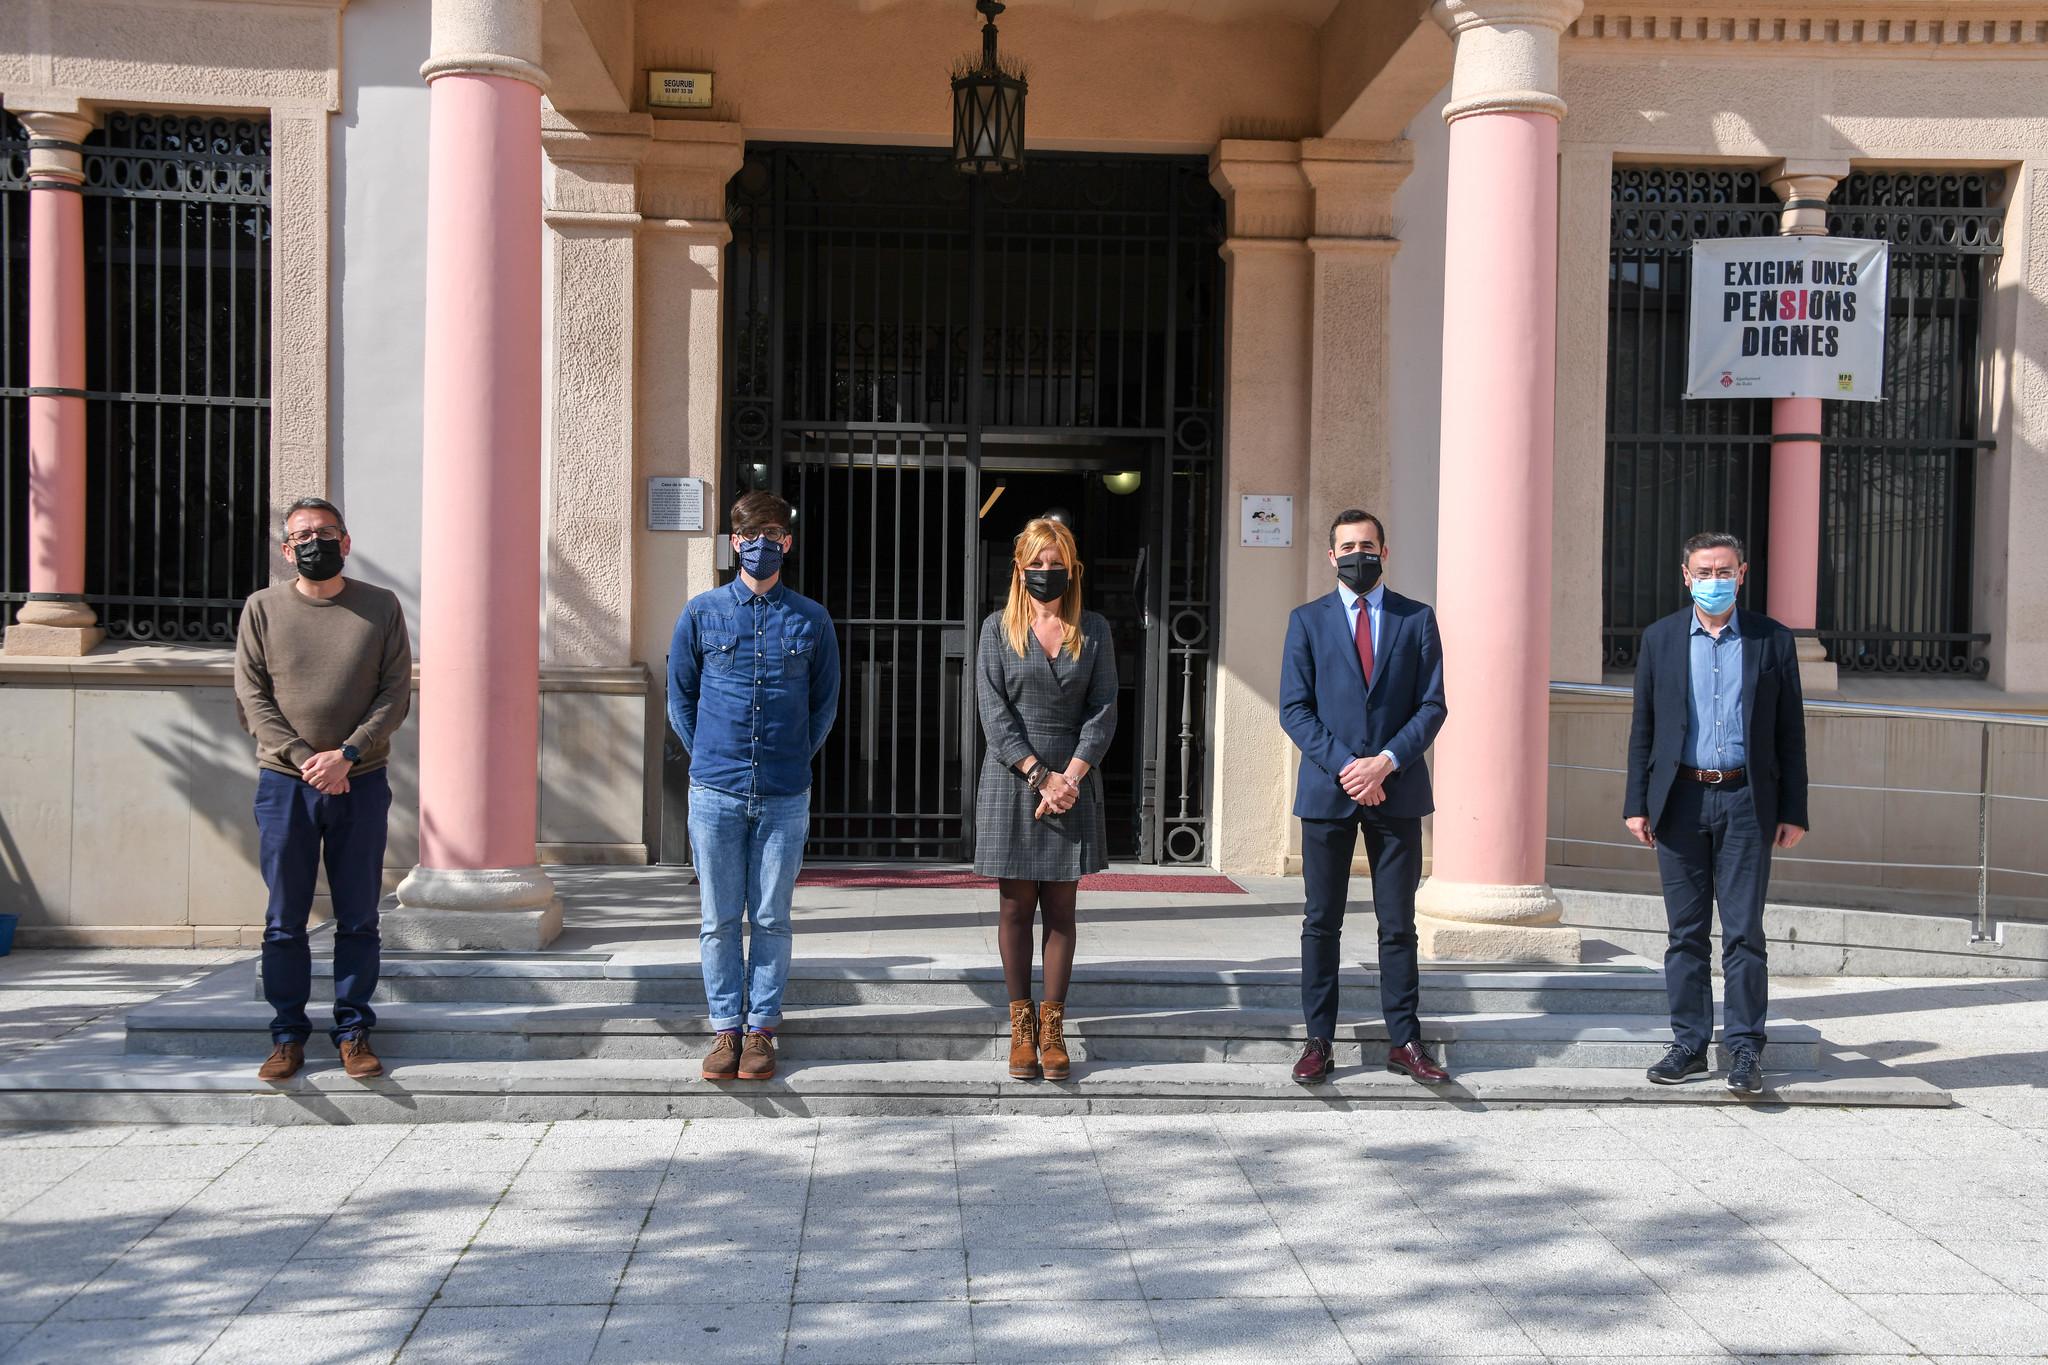 'alcaldessa de l'Ajuntament de Rubí, Ana Maria Martínez, ha rebut a les dependències de l'Alcaldia a l'actual secretari general de la patronal Cecot, Oriol Alba, i a David Garrofé